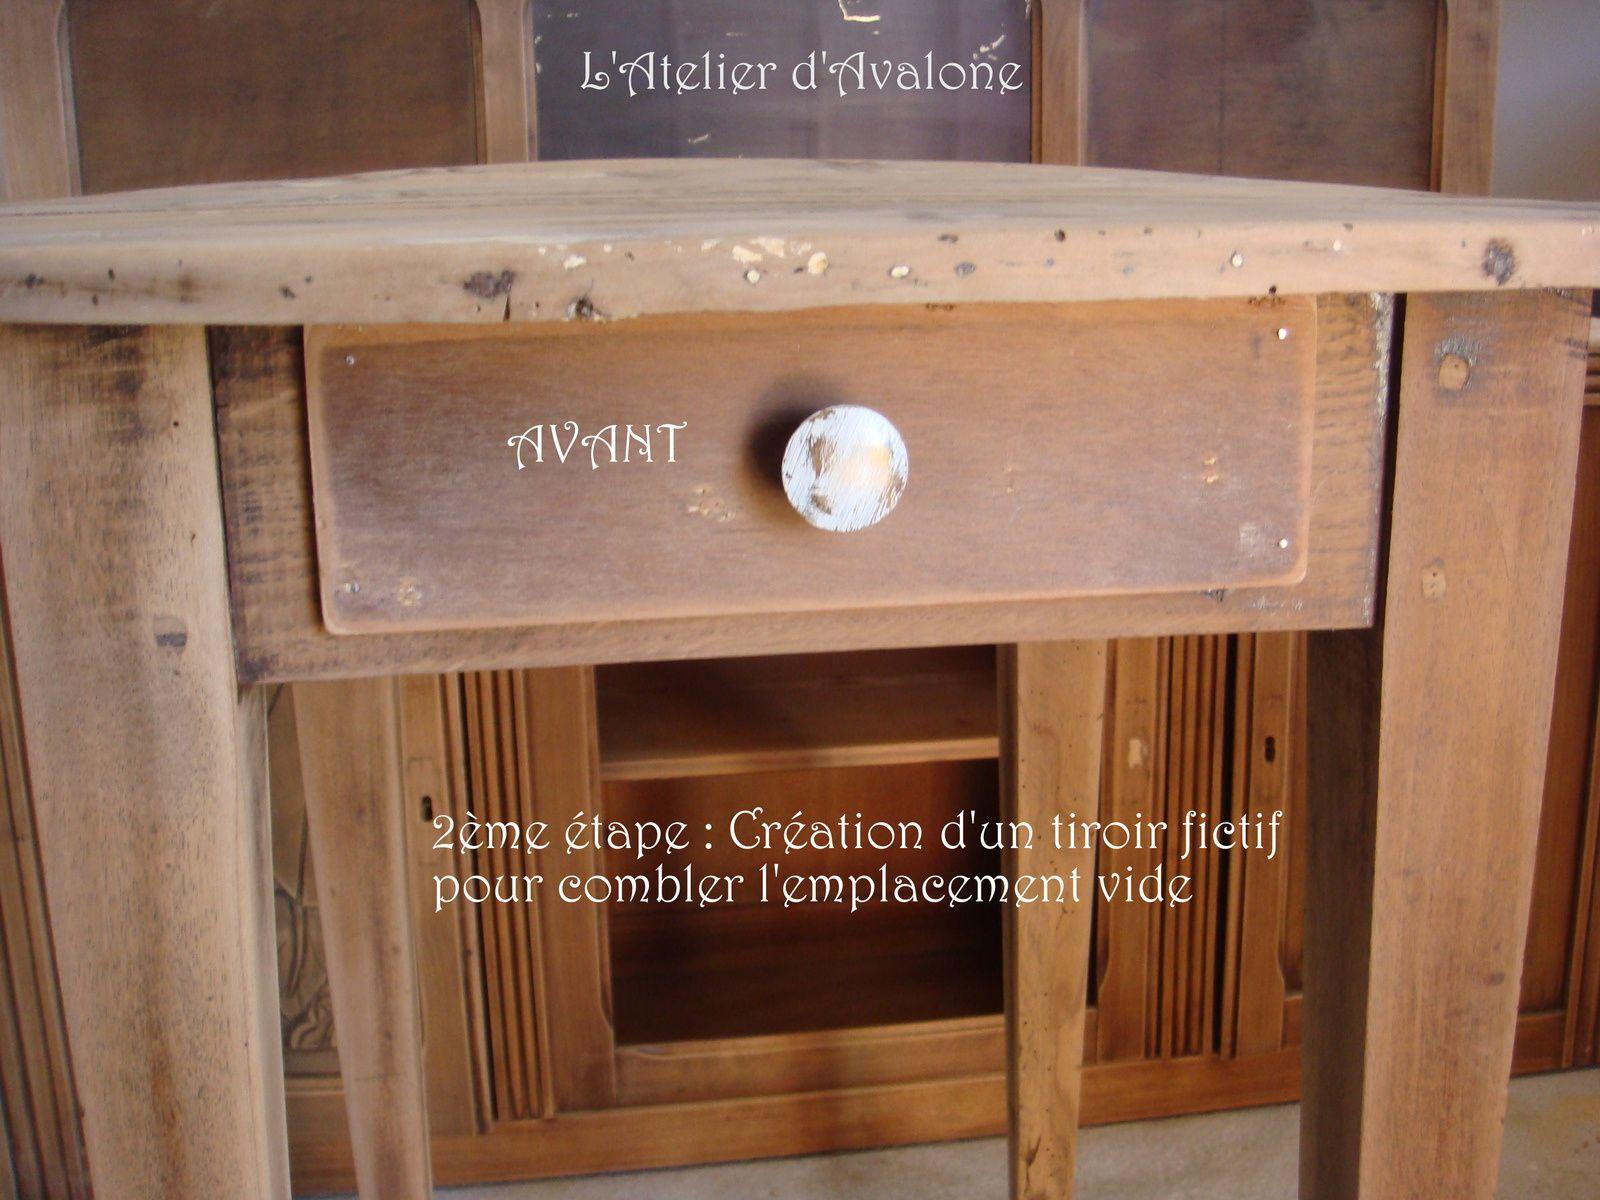 Restauration d'une jolie table ronde dans le respect de son style brocante. Avril 2014.